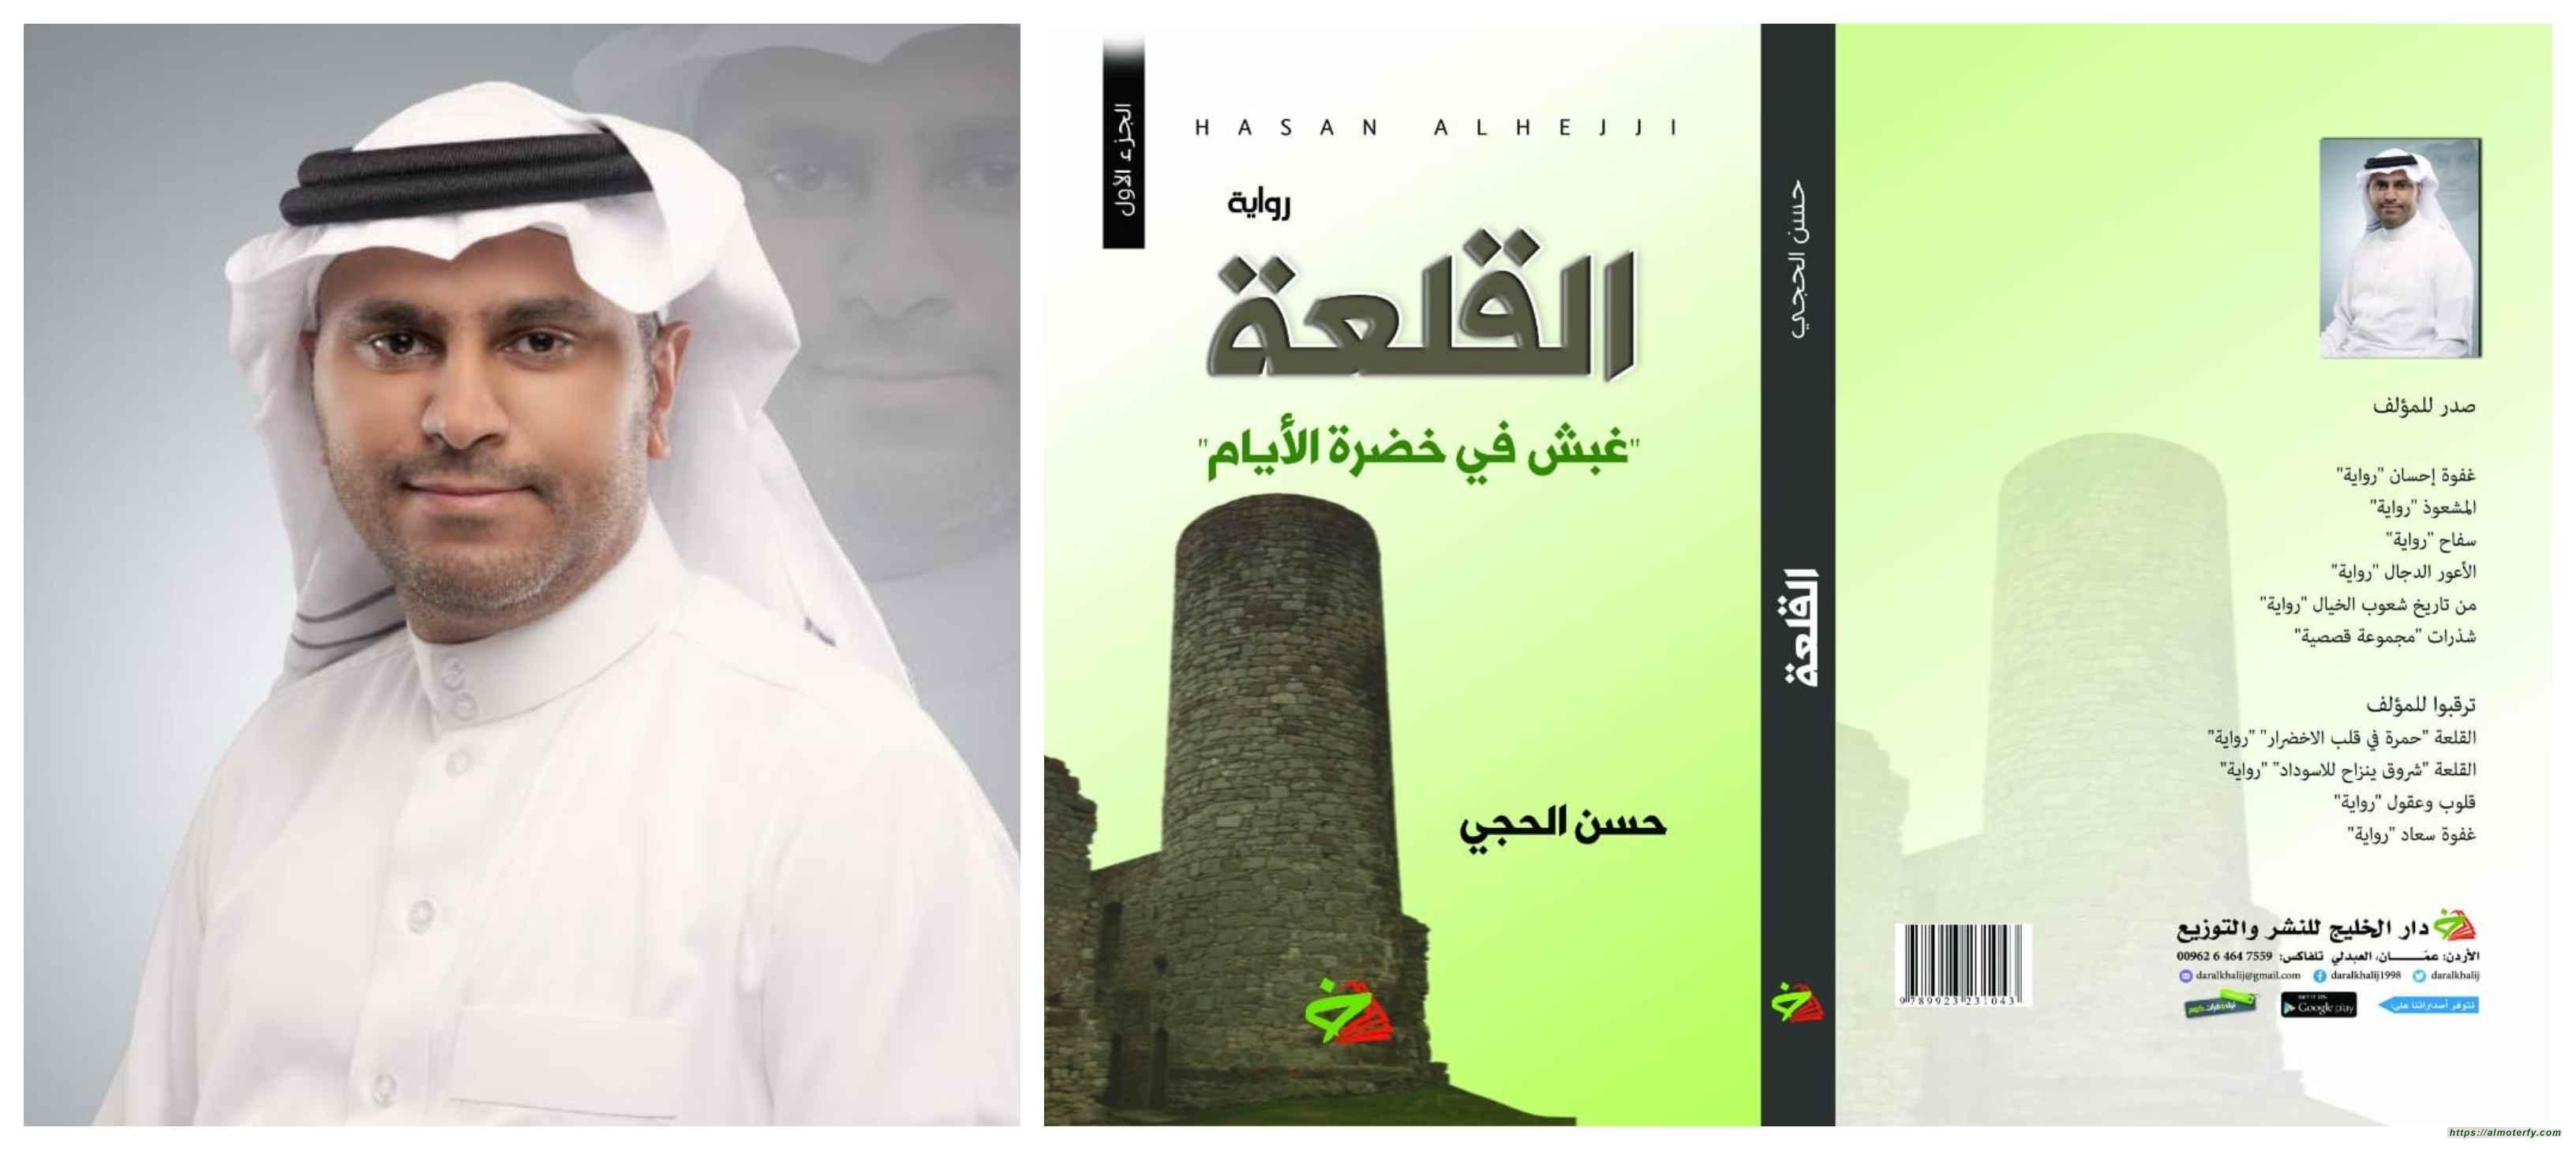 رواية القلعة: اصدار جديد للسيد حسن الحجي